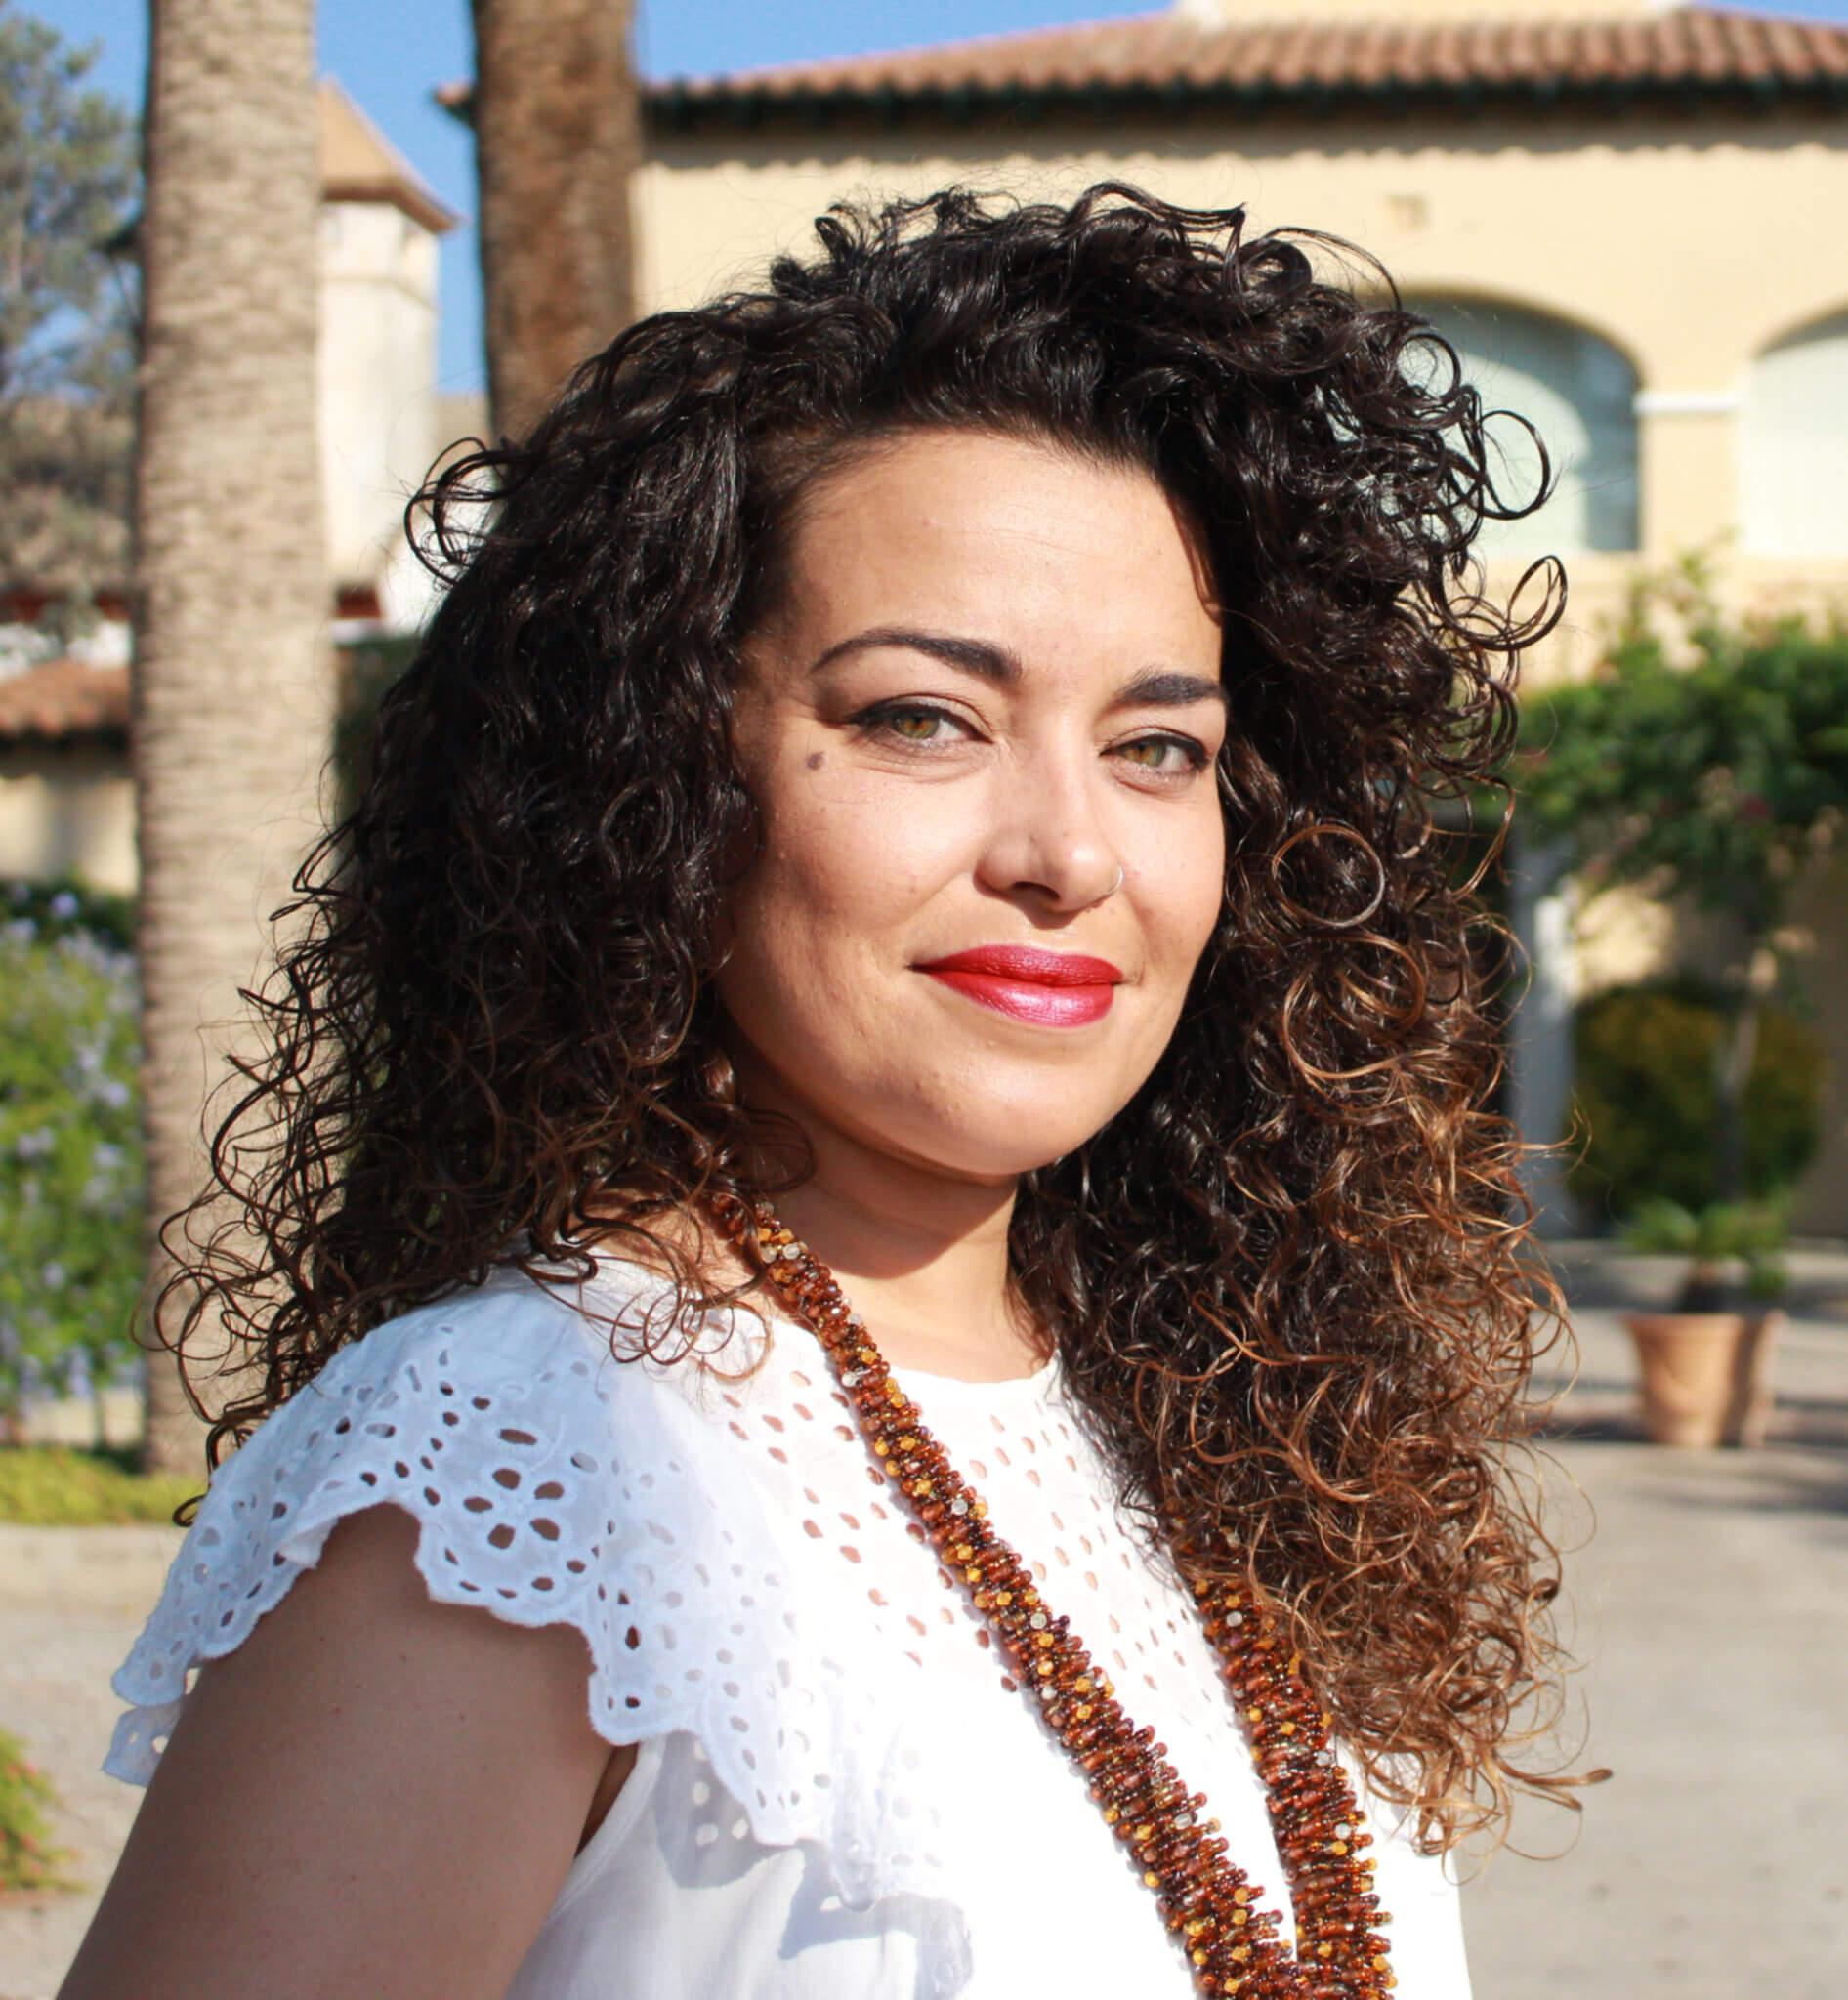 Verónica Zofío